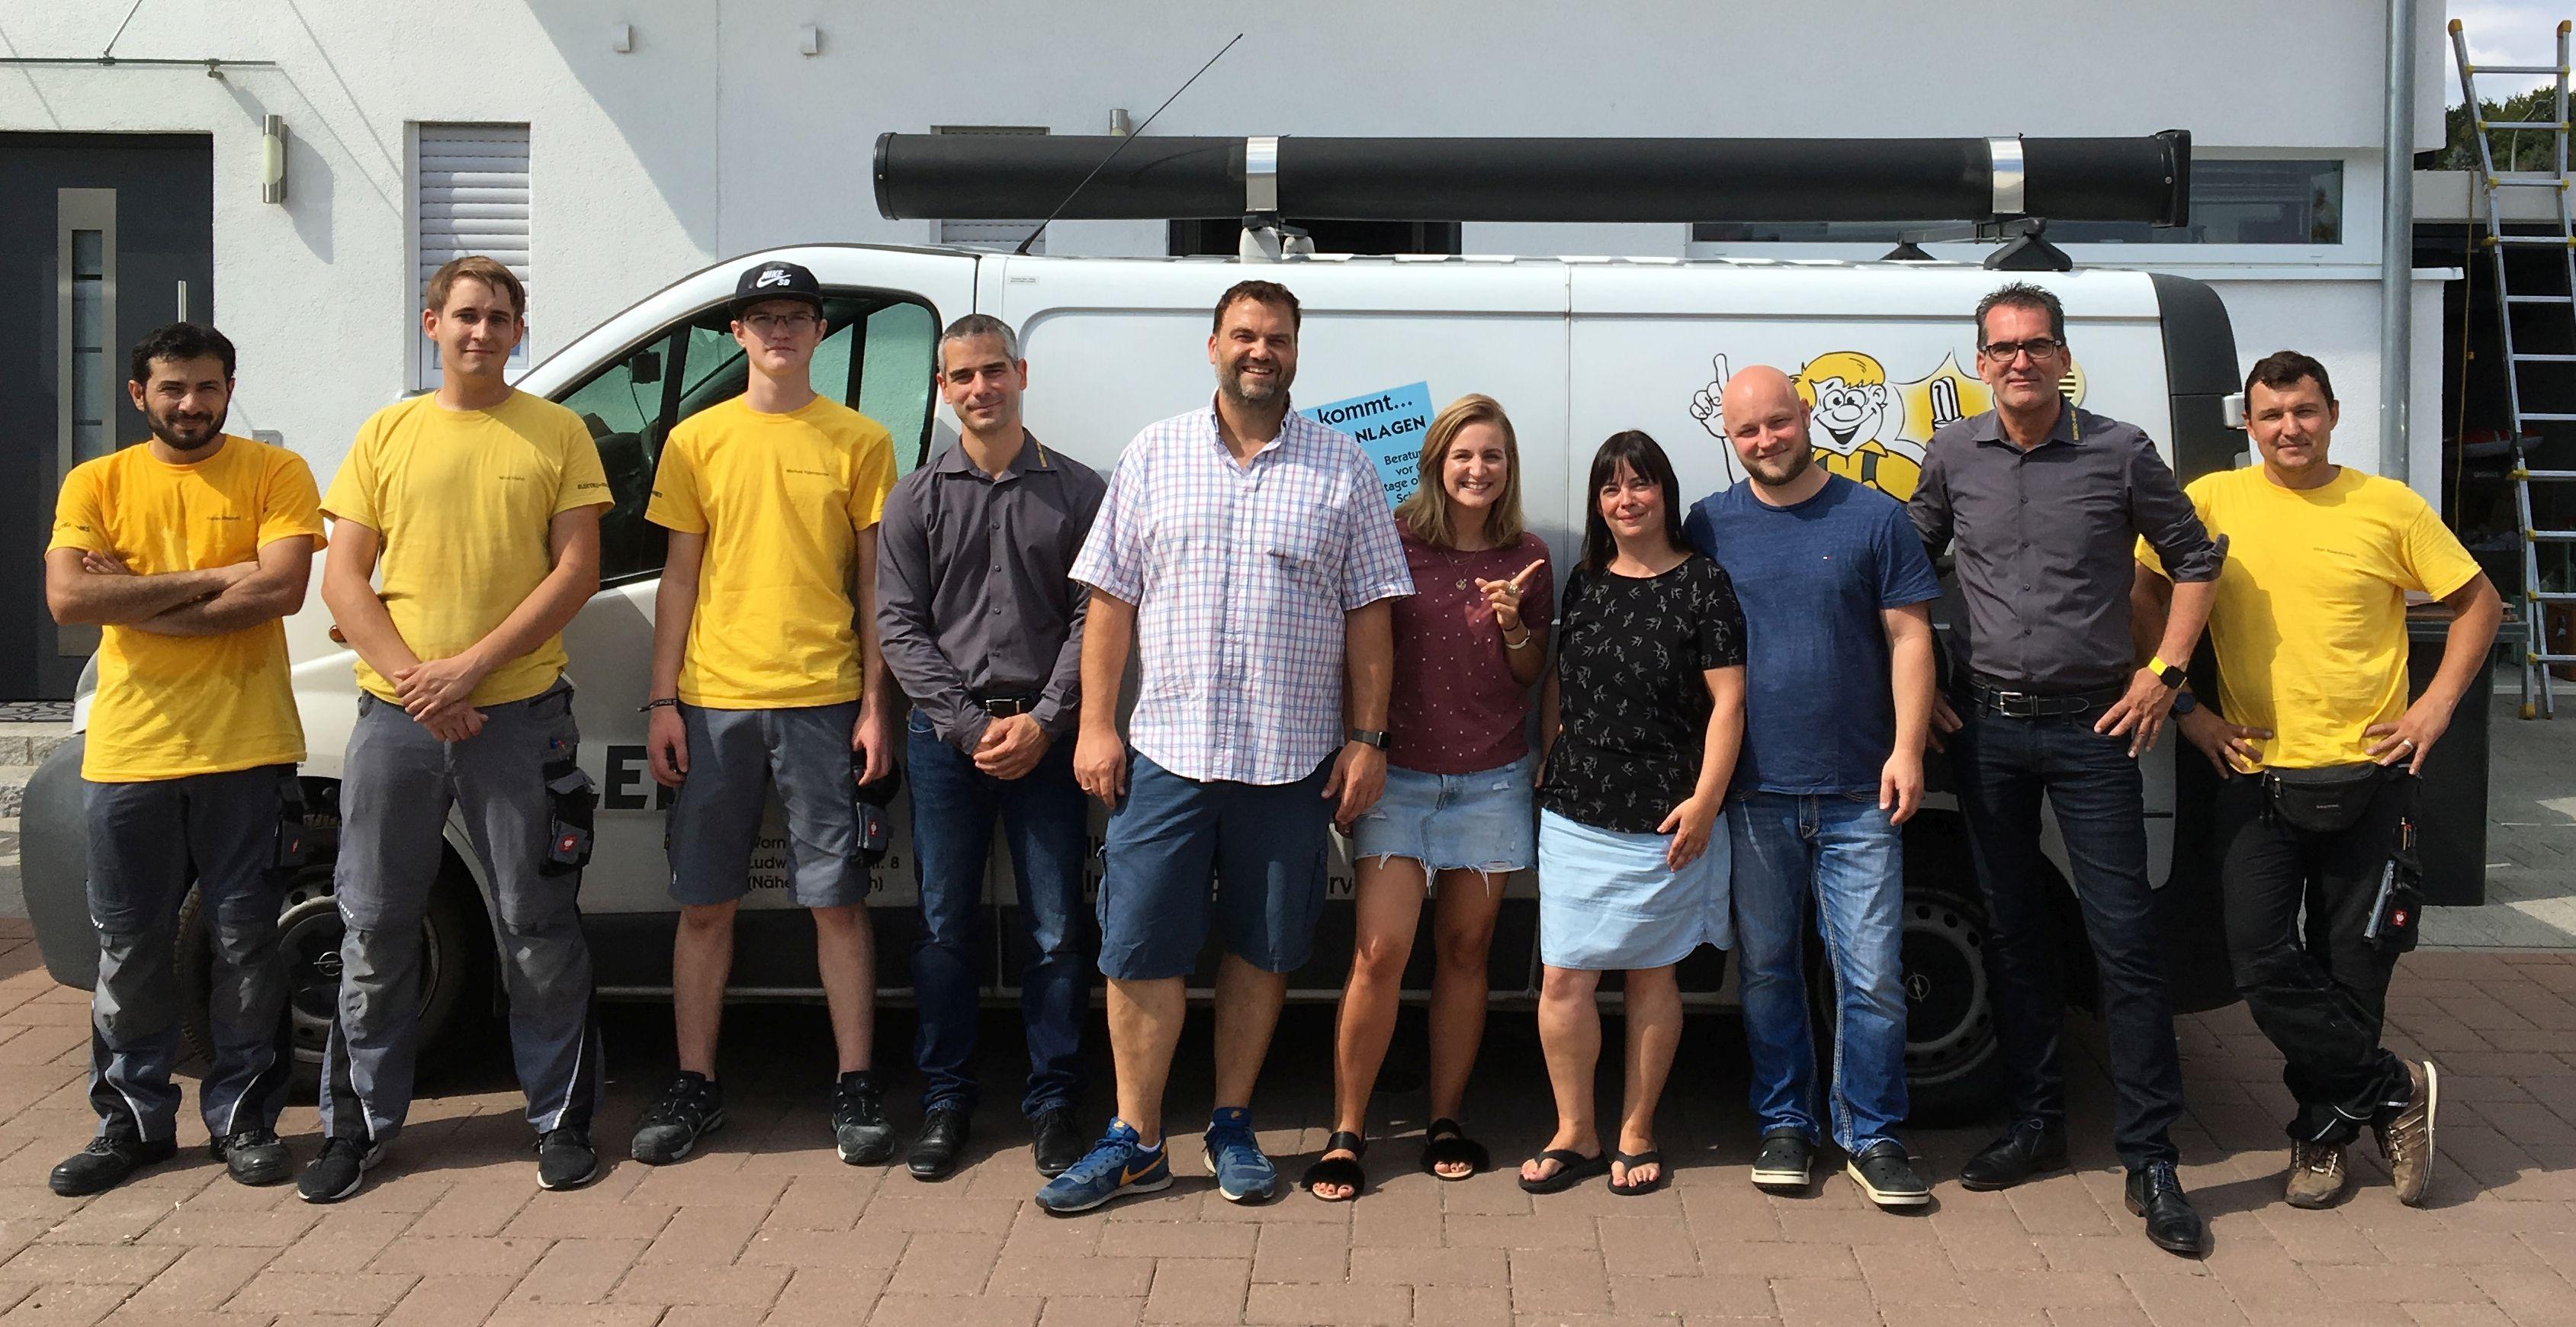 Gruppenbild der Klimamonteure von Elektro Knies mit den Gewinnern und den Radiomoderatoren Kunze und Laura